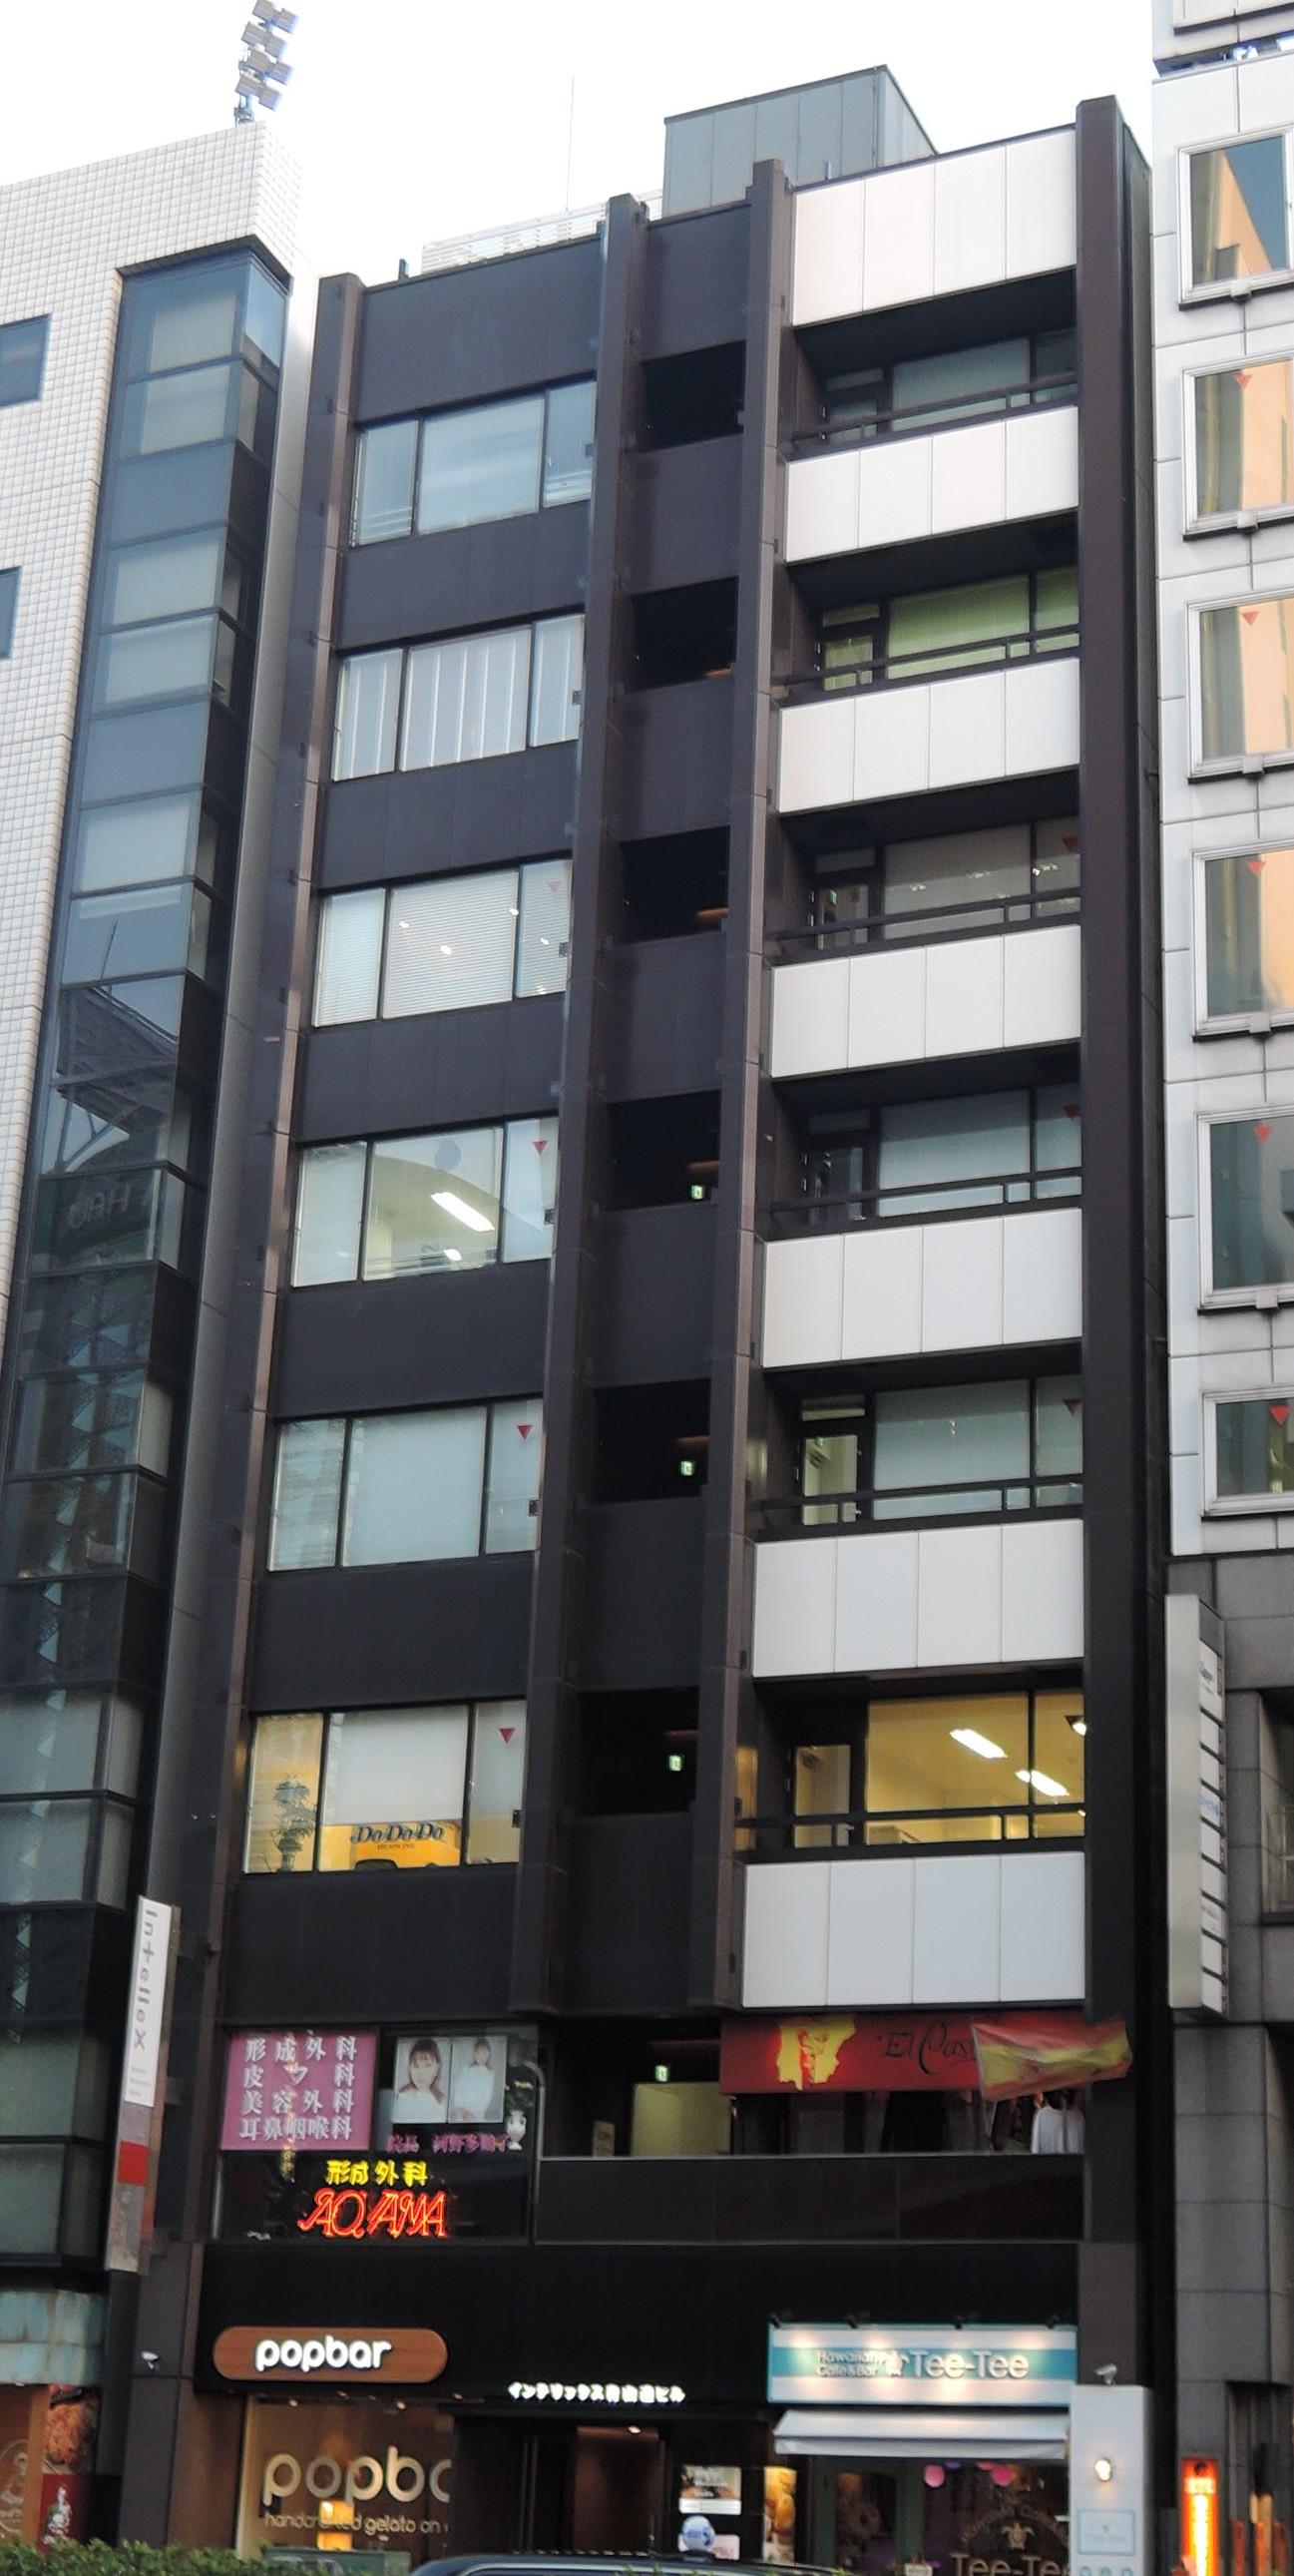 インテリックス青山通りビル 東京都渋谷区渋谷2-9-11